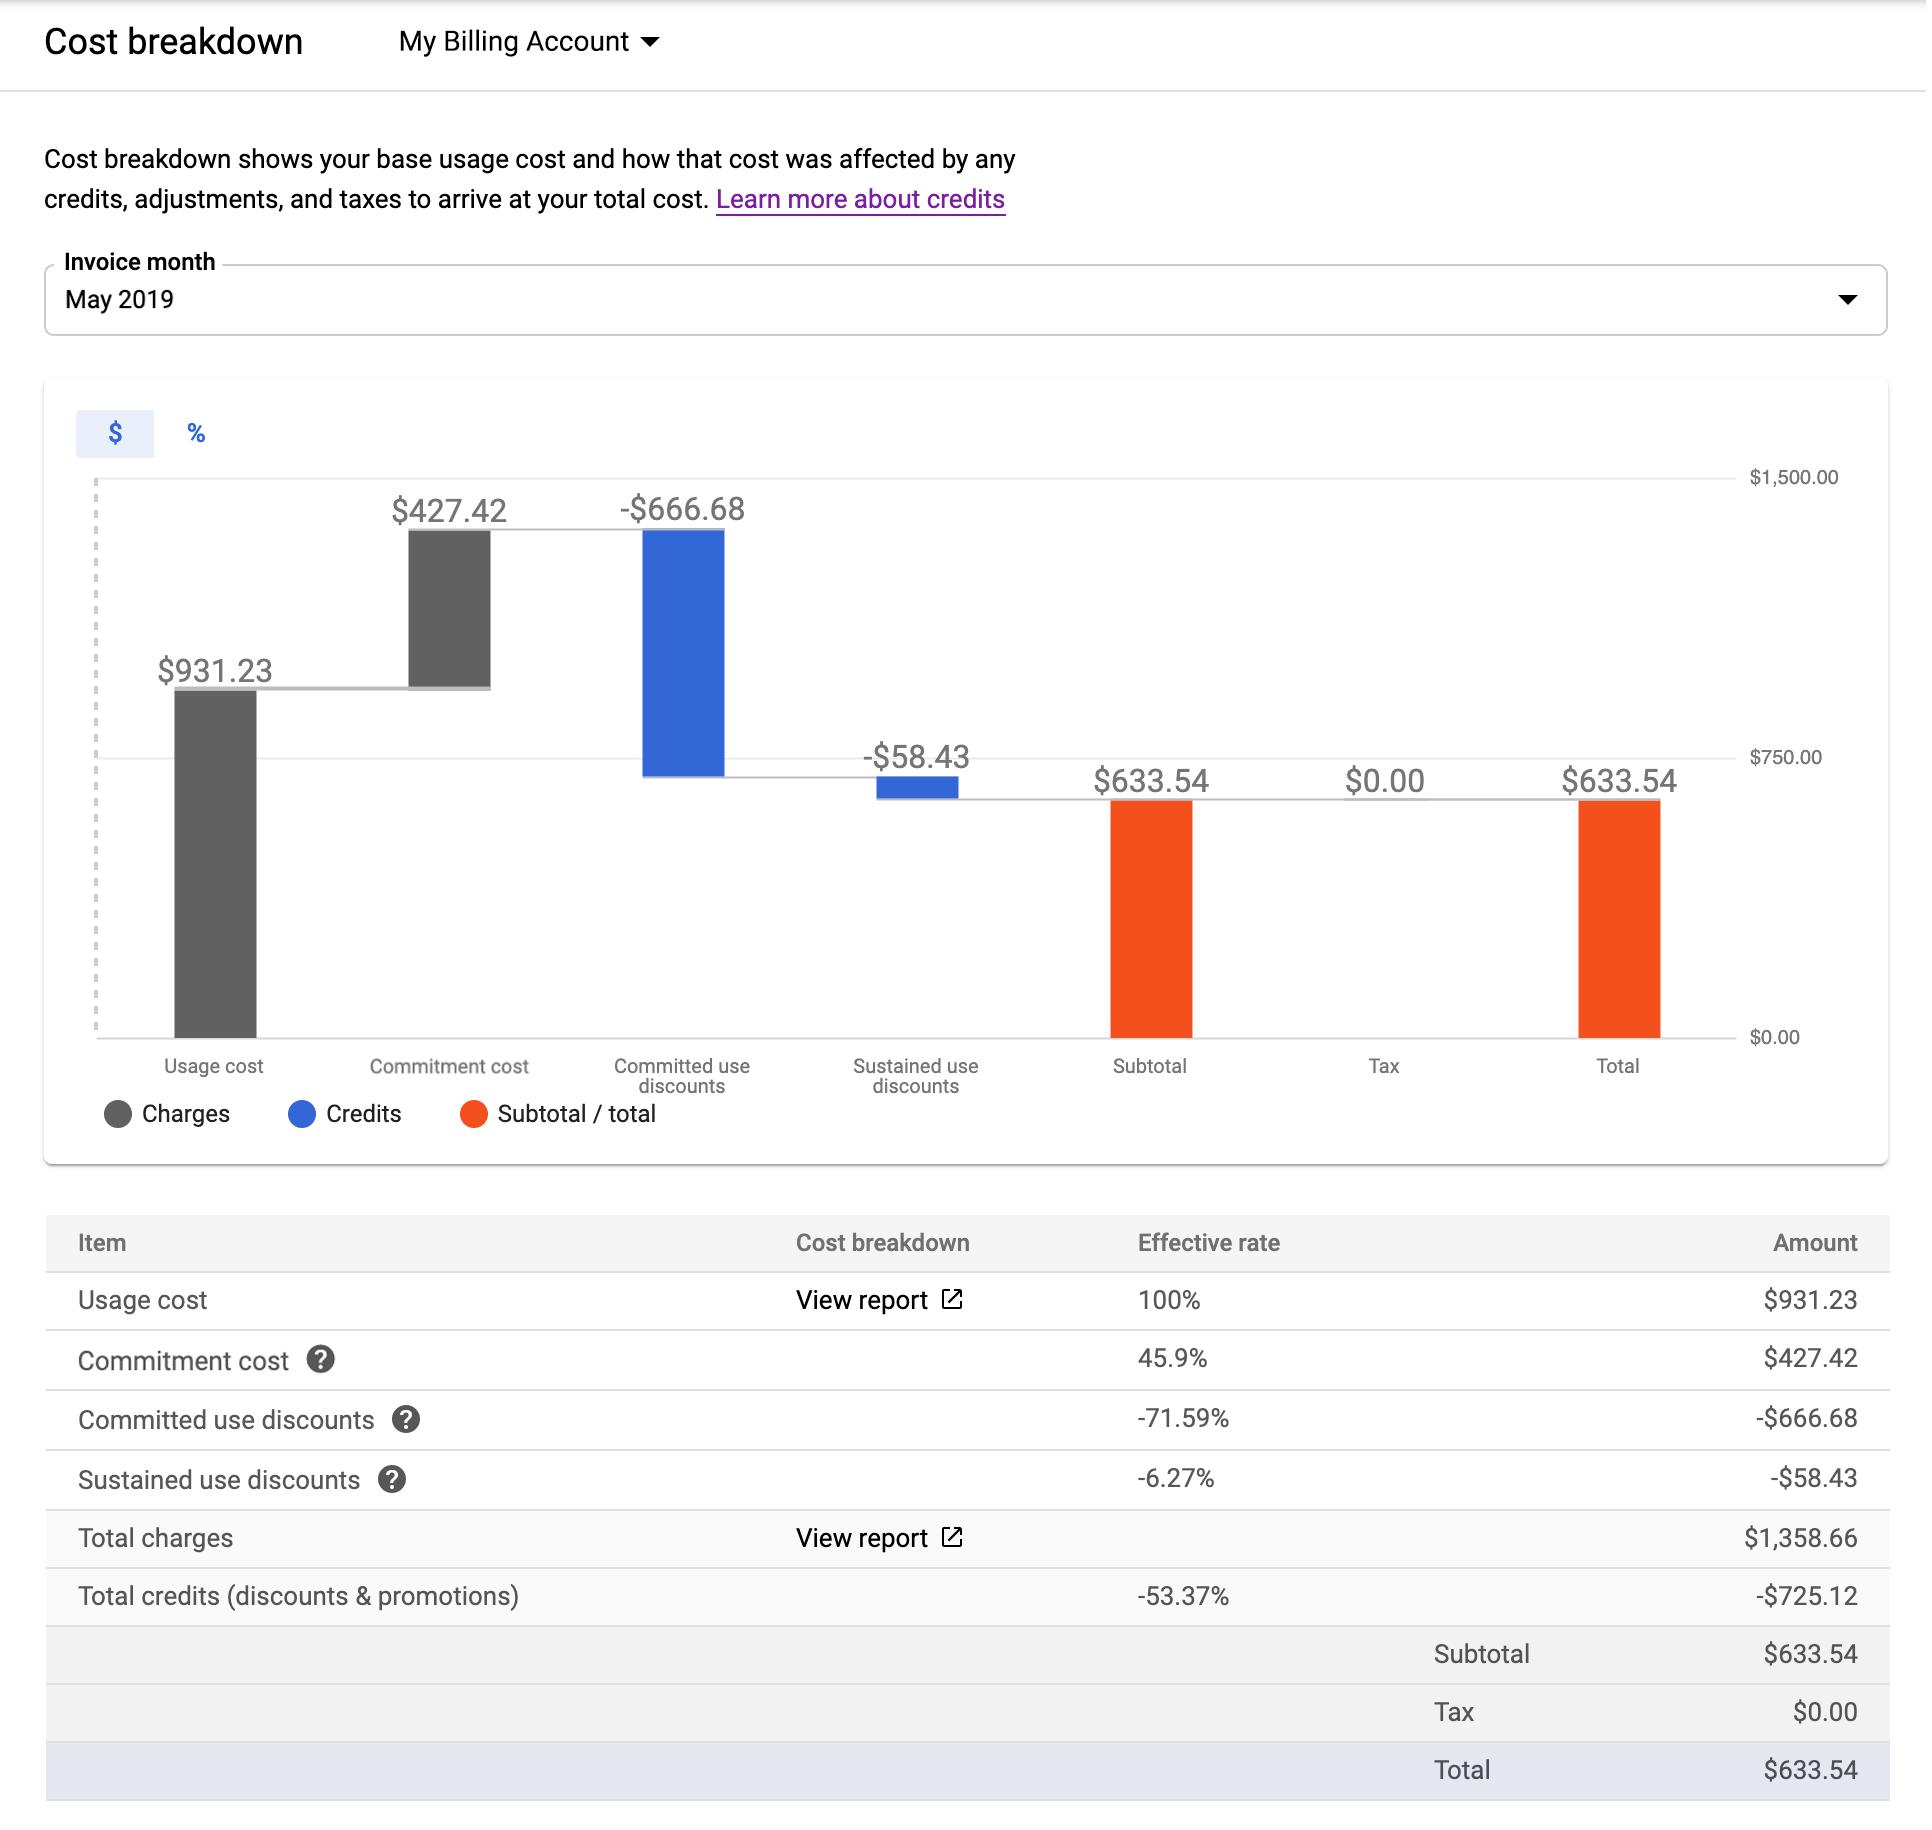 費用内訳レポートの例。基本使用料と、その使用料がクレジット、調整、税金からどのような影響を受けているのかが表示されます。1 か月分のデータがグラフ形式と表形式の両方で表示されています。